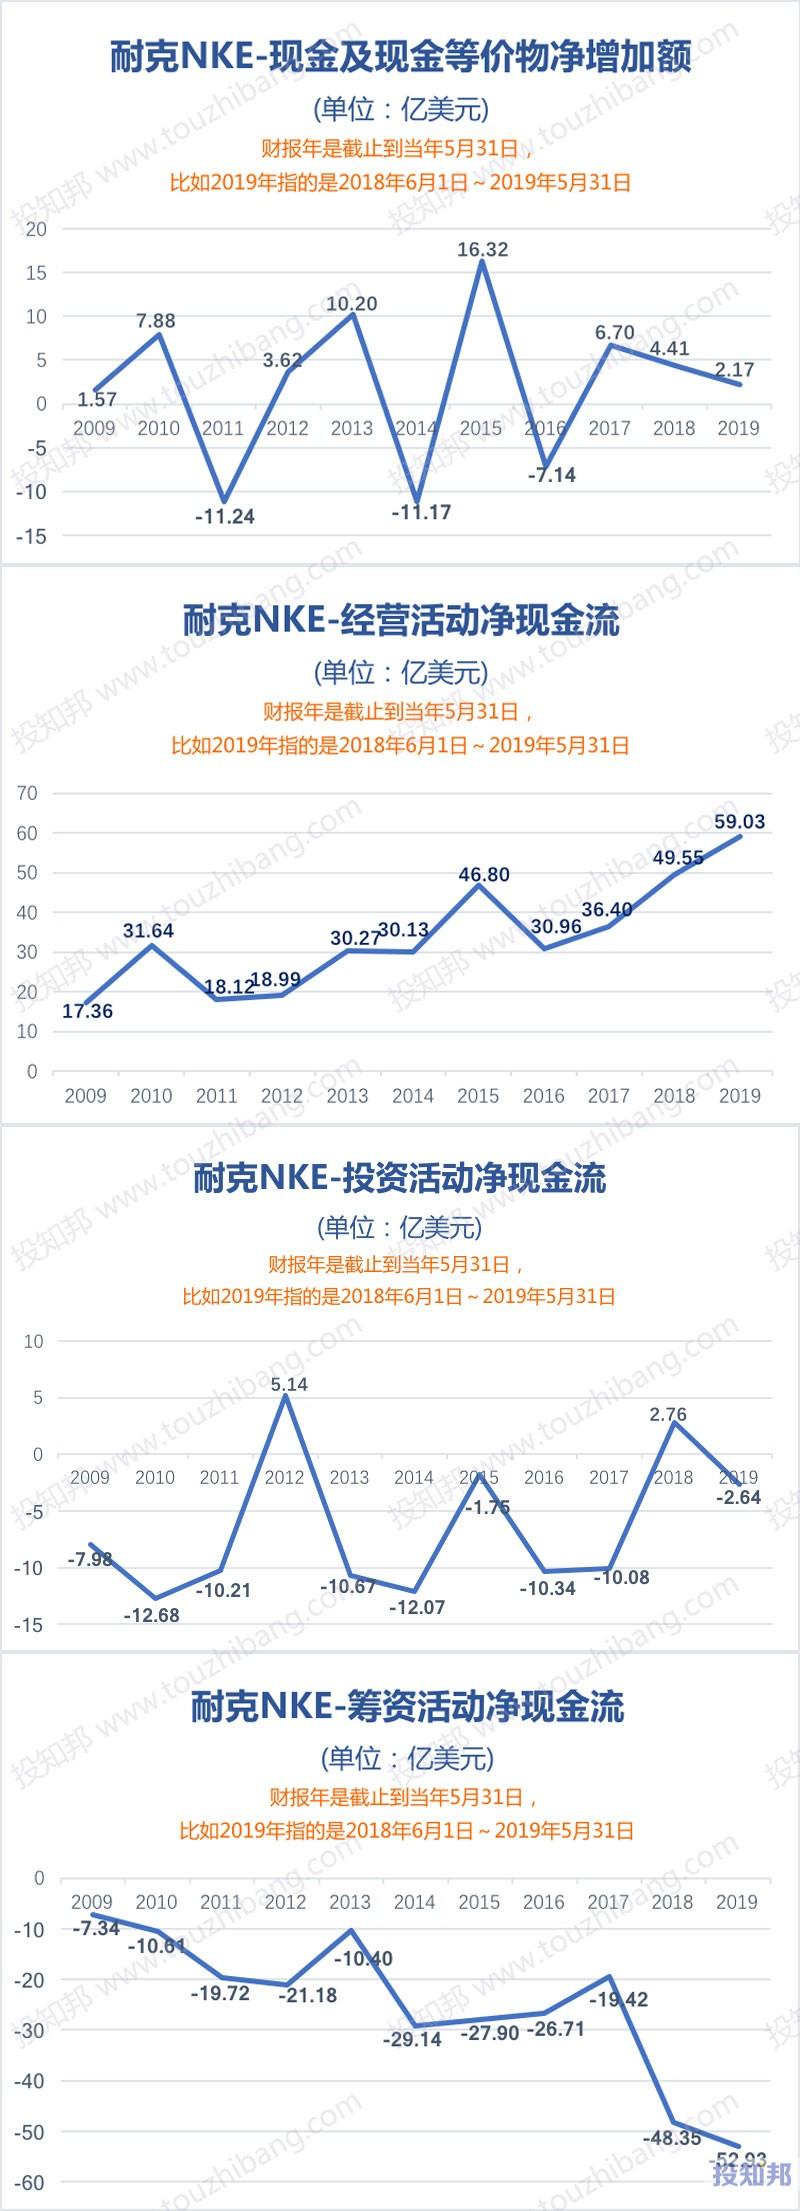 图解耐克(NKE)财报数据(2009年~2019财报年)